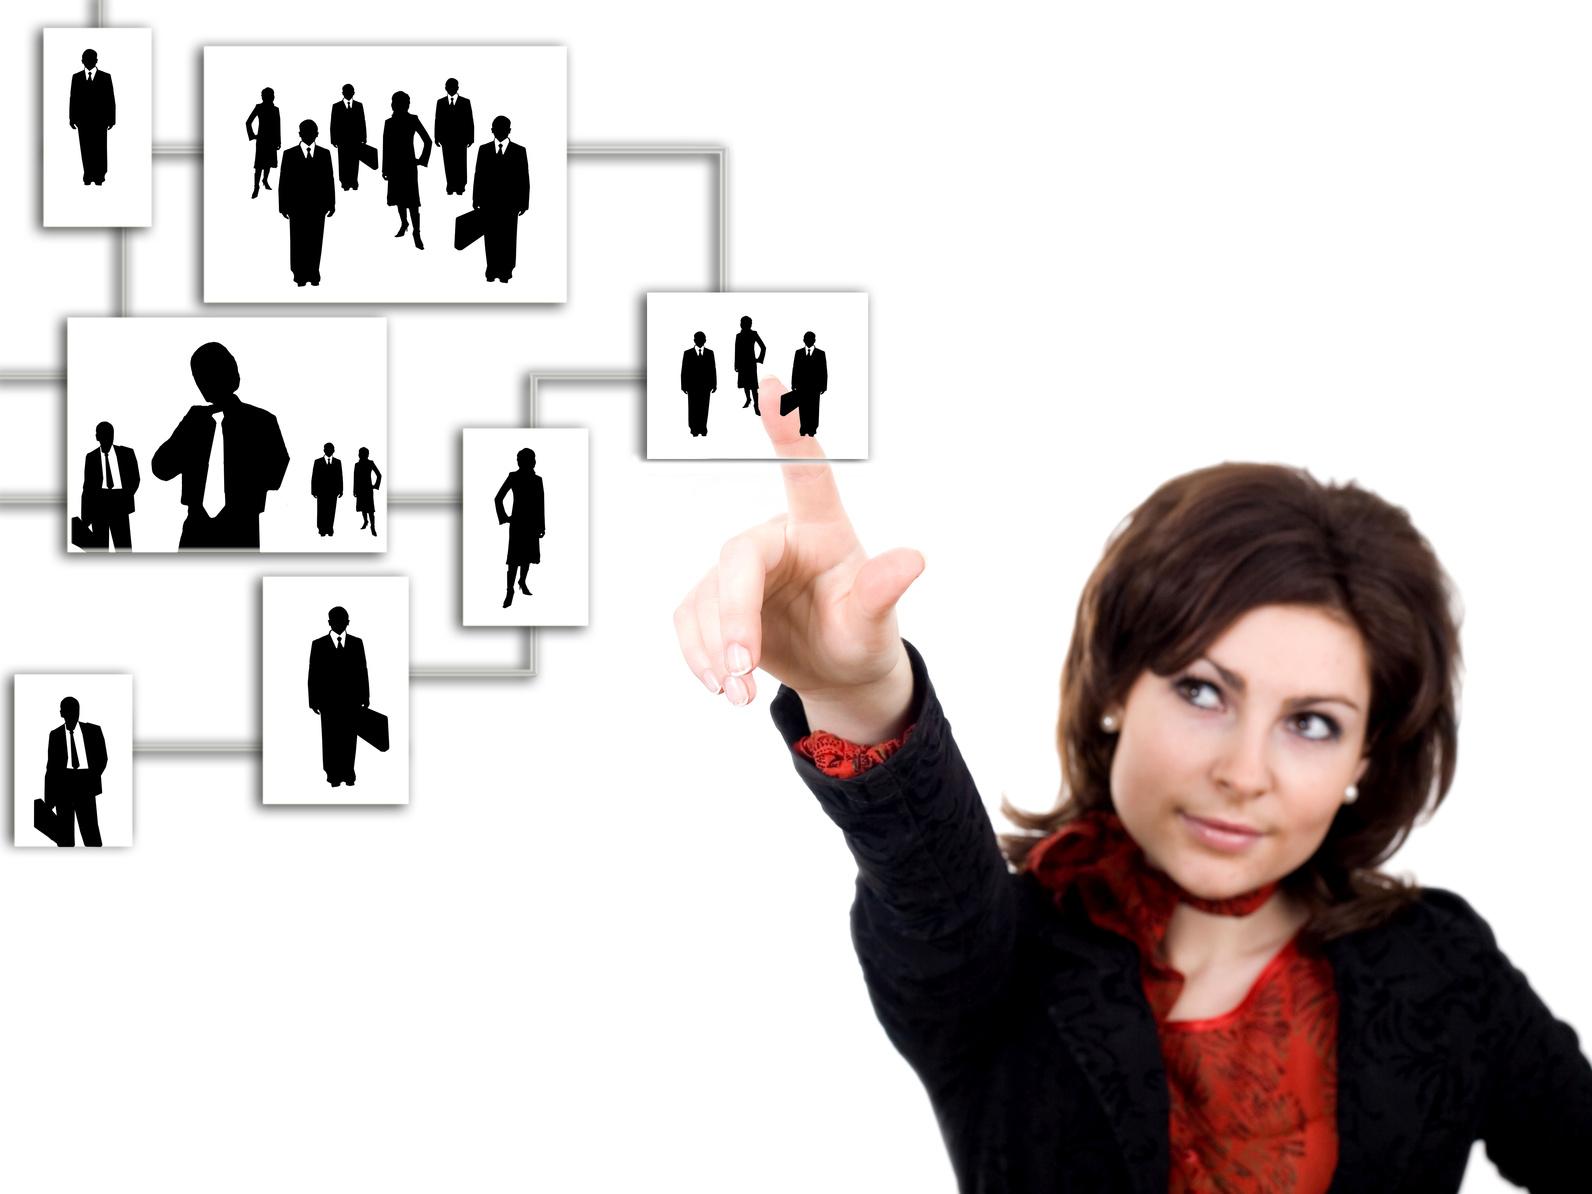 система управления талантами: «кадр» – хорошо, а талантливый – ещё лучше?